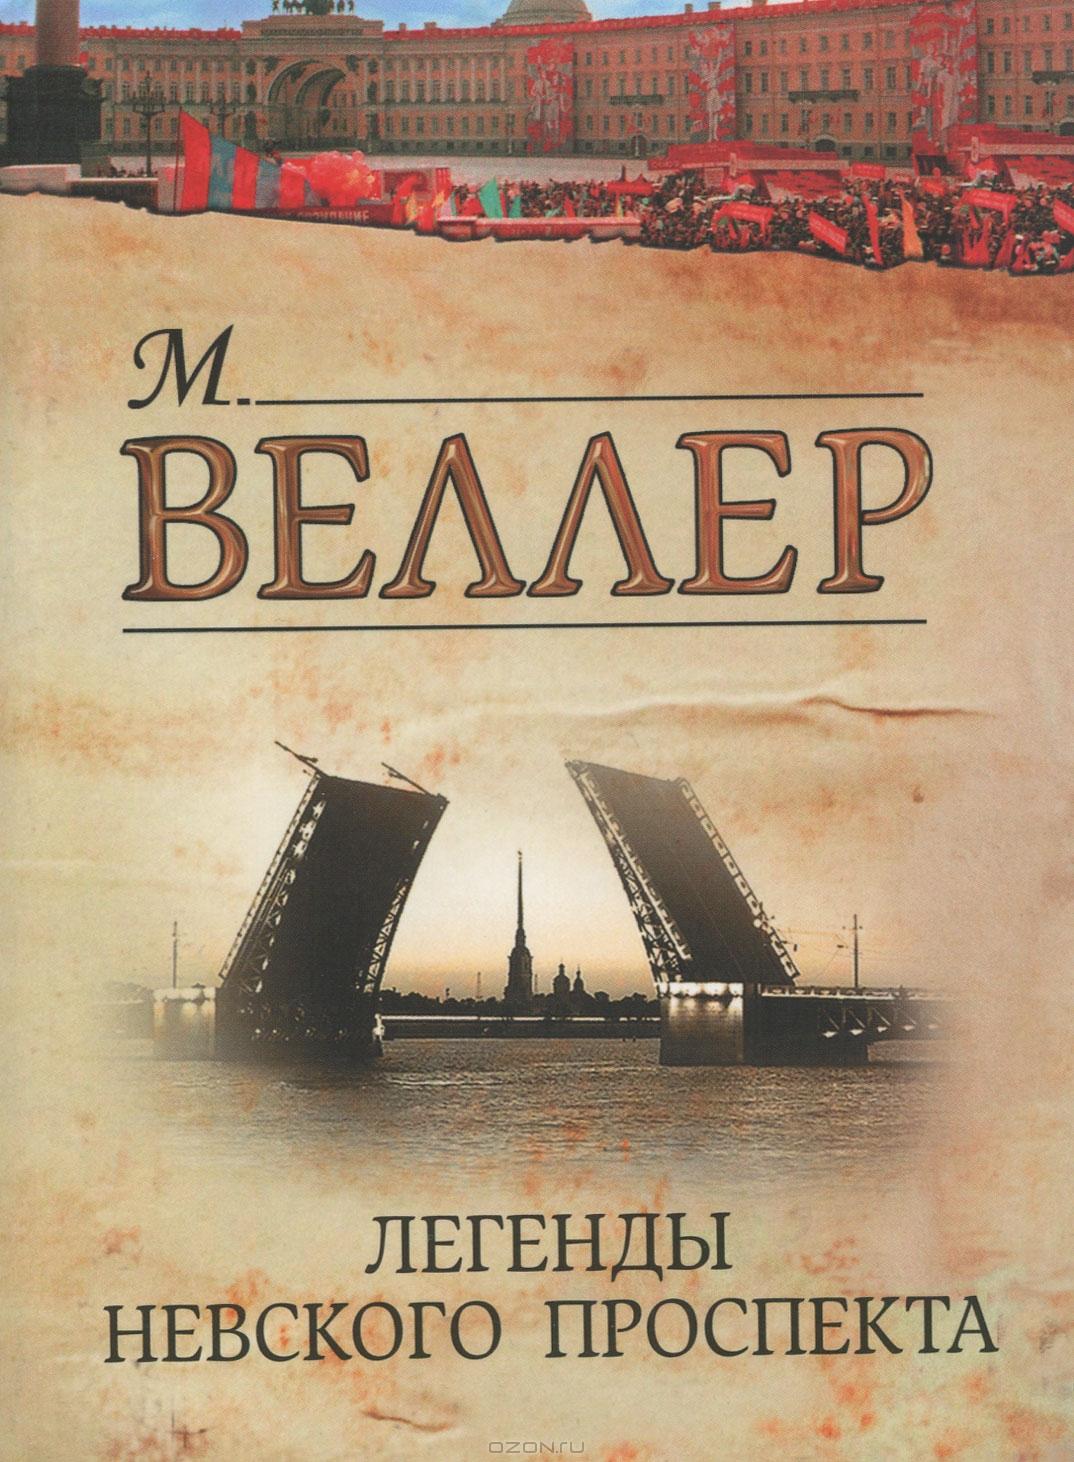 Скачать книгу веллера легенды невского проспекта